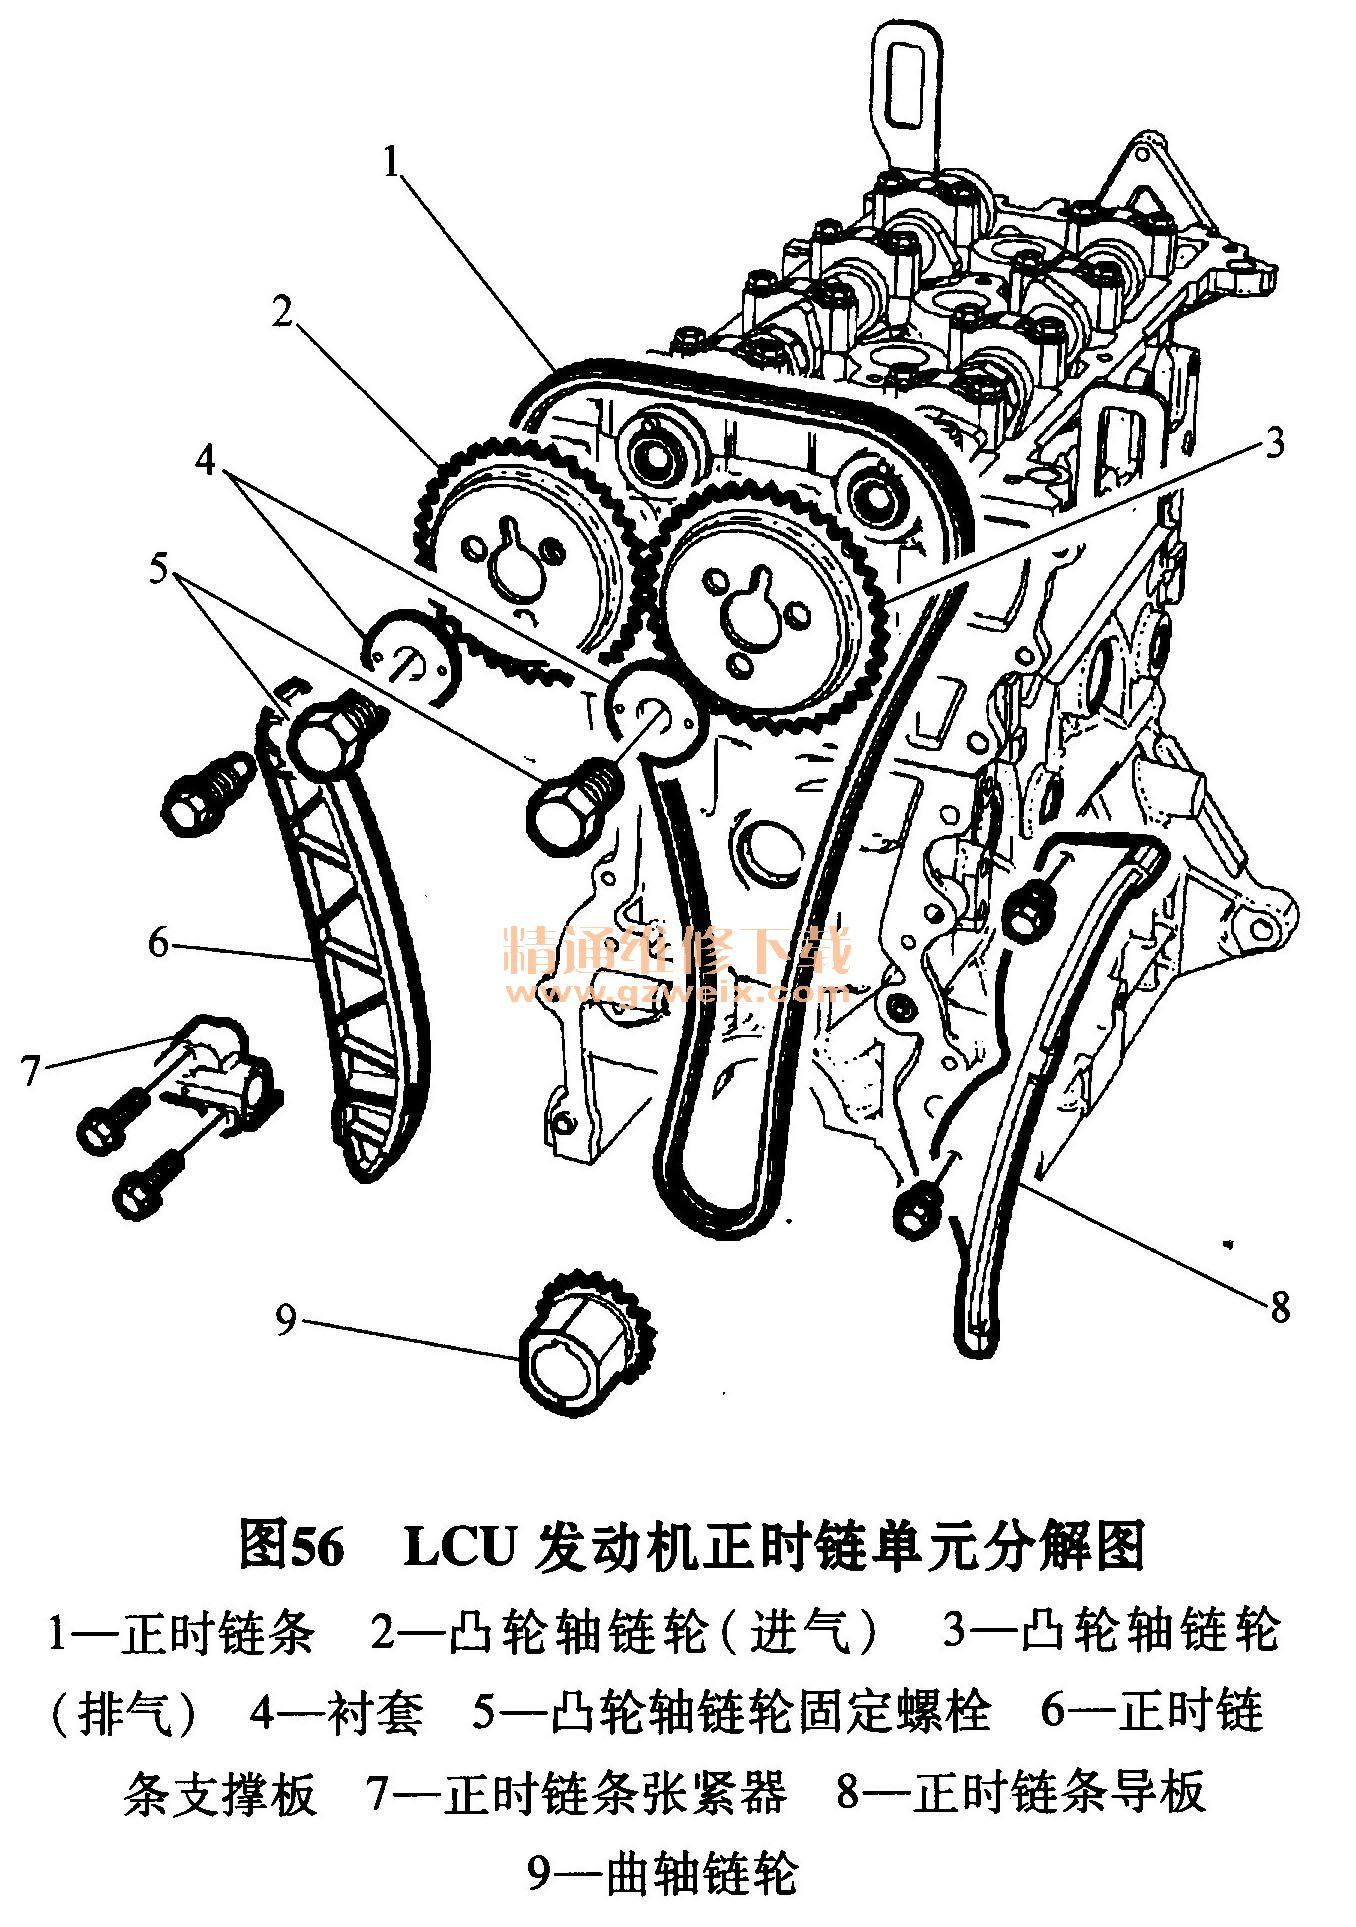 雪佛兰lcu 1. 4l发动机正时校对方法高清图片